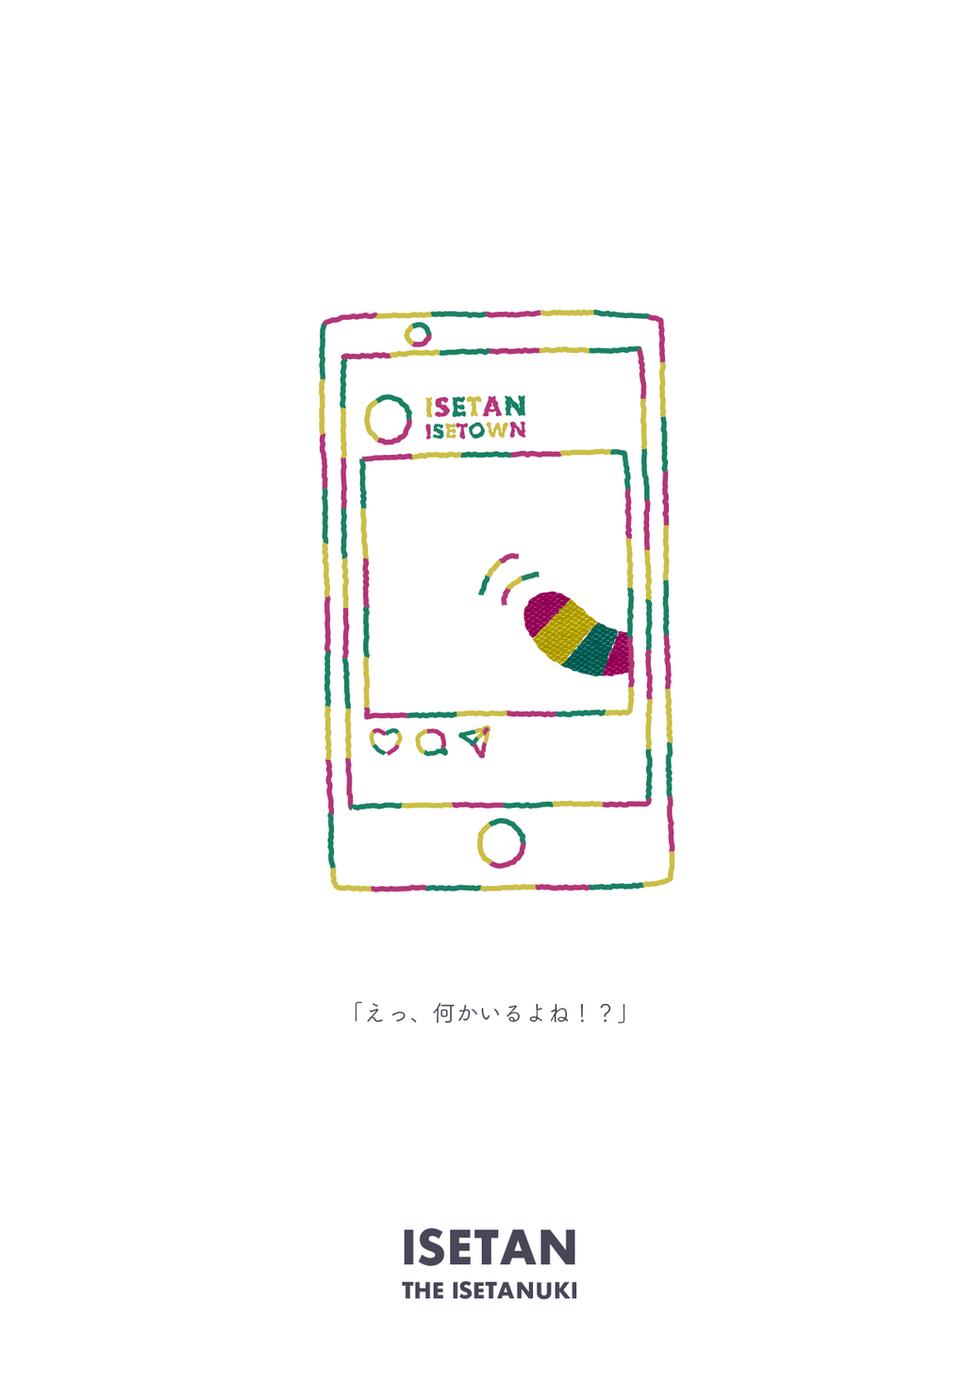 isetan-character-06.png